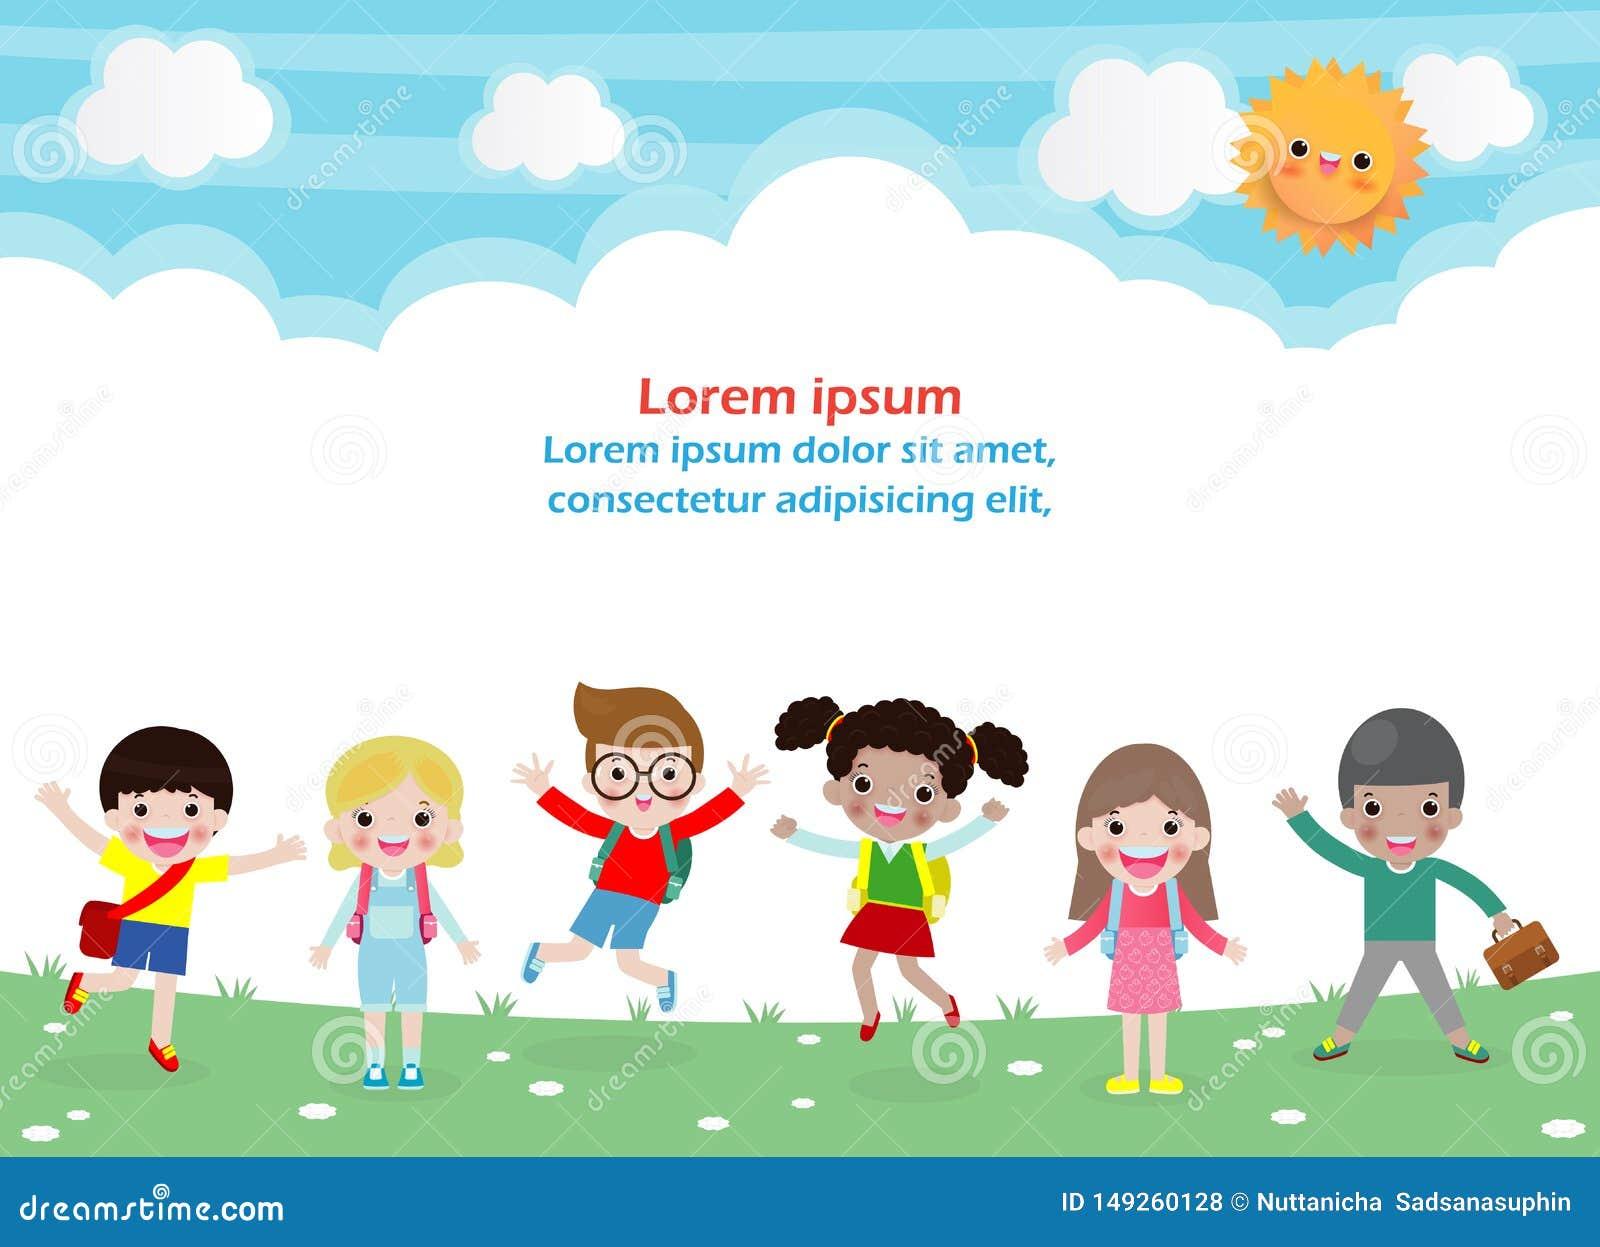 Terug naar school, onderwijsconcept, schooljonge geitjes, gaan de gelukkige kinderen naar school, Malplaatje voor reclamefolder,